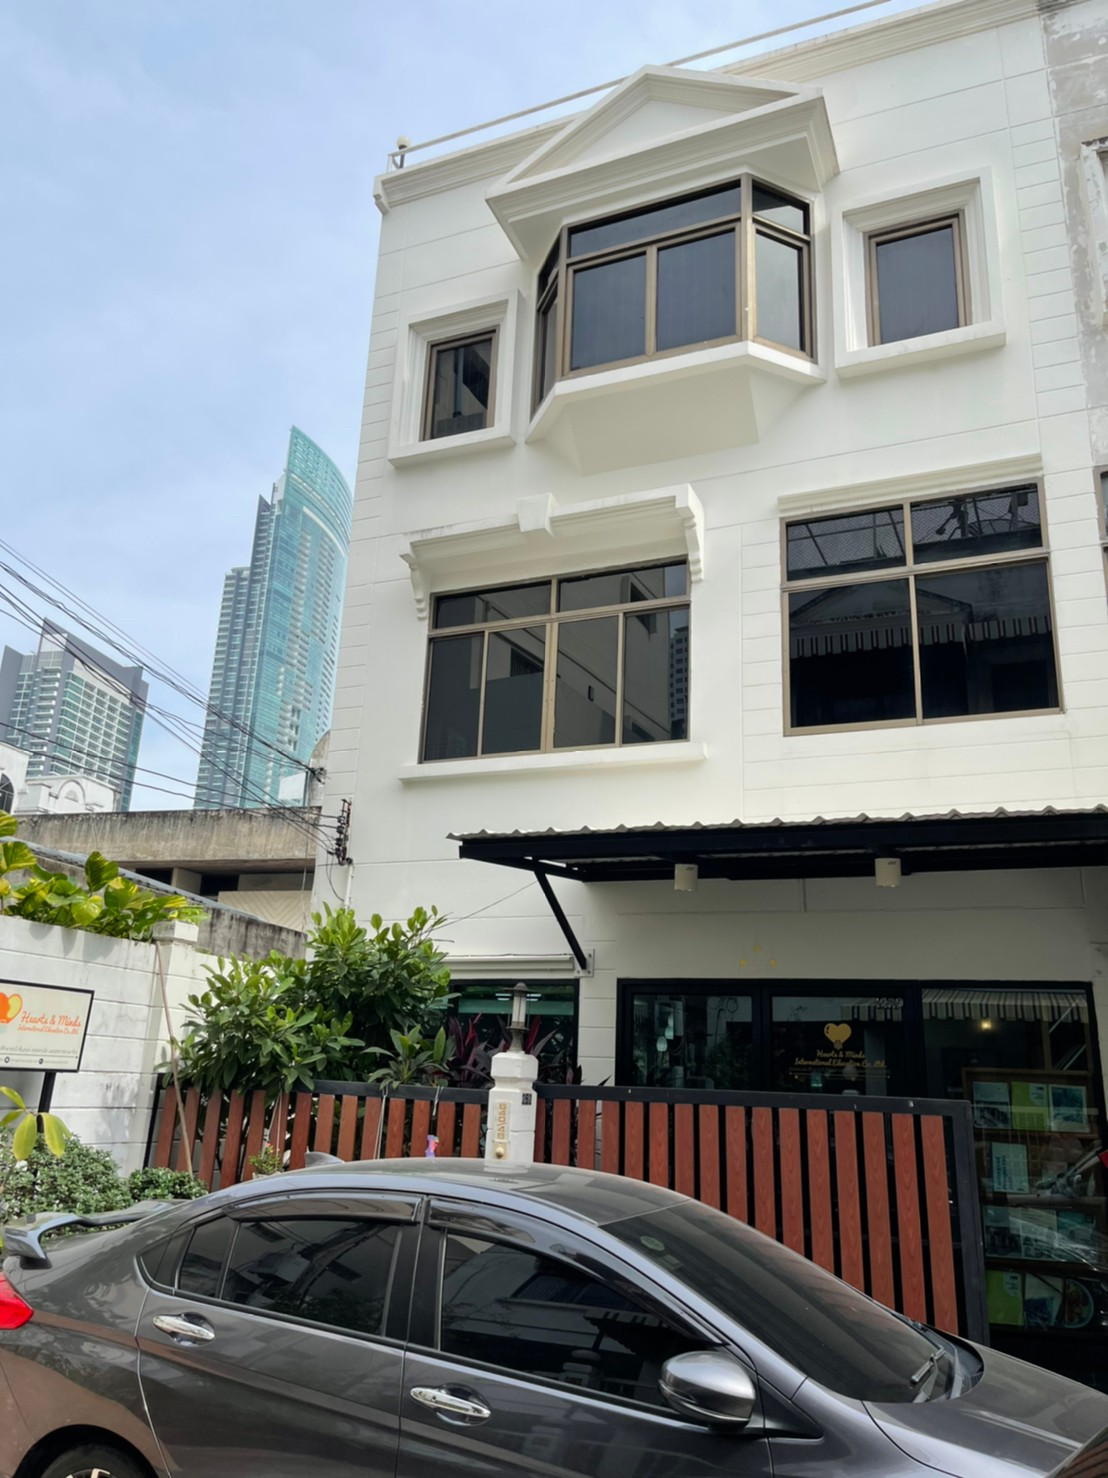 ขาย! บ้านทาวน์เฮ้าส์ 3 ชั้น เพียง 500 เมตร จาก BTS กรุงธนบุรี